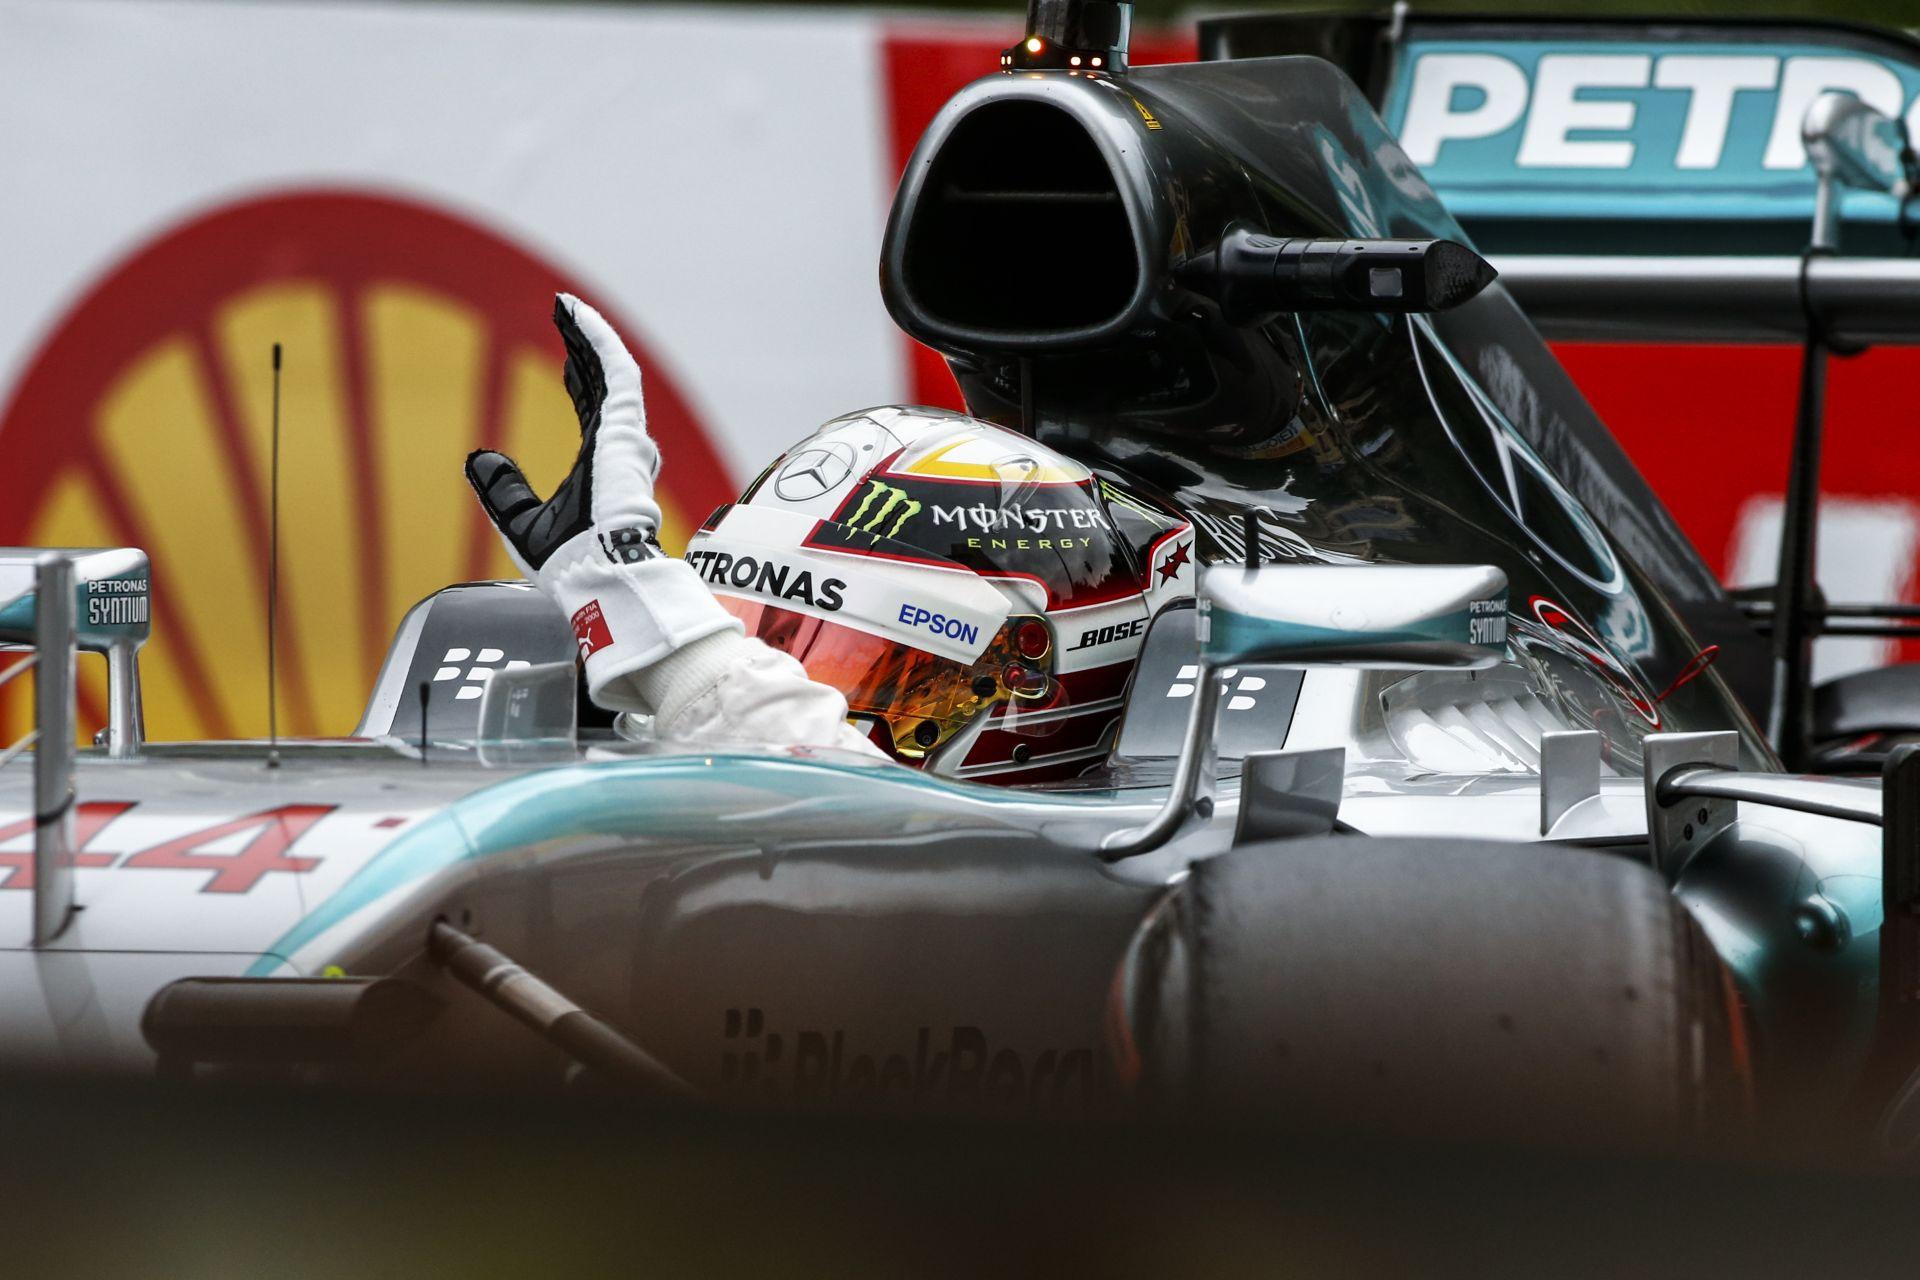 Hamilton célja az volt, hogy legalább 35 millió eurót keressen évente